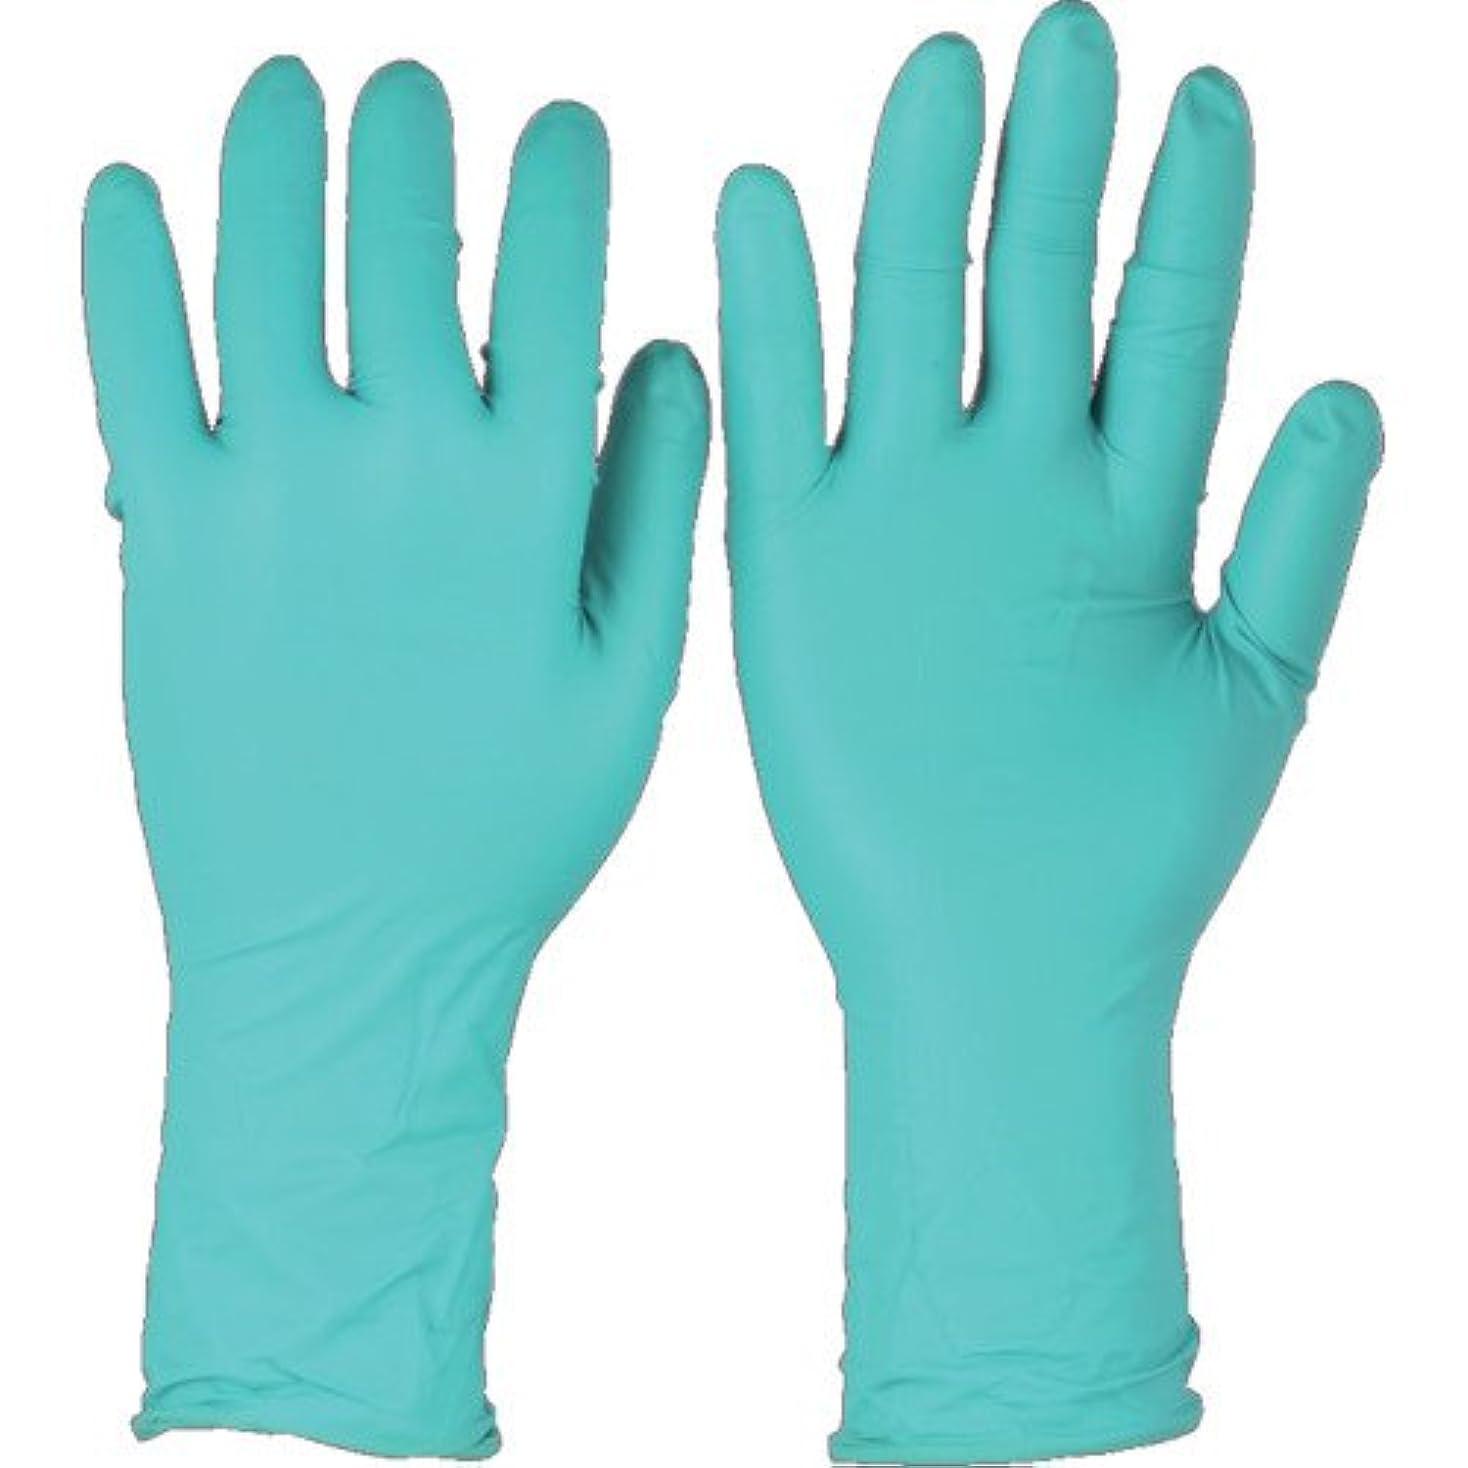 嵐の後柔らかいトラスコ中山 アンセル ネオプレンゴム使い捨て手袋 マイクロフレックス 93-260 XLサイズ (50枚入)  9326010